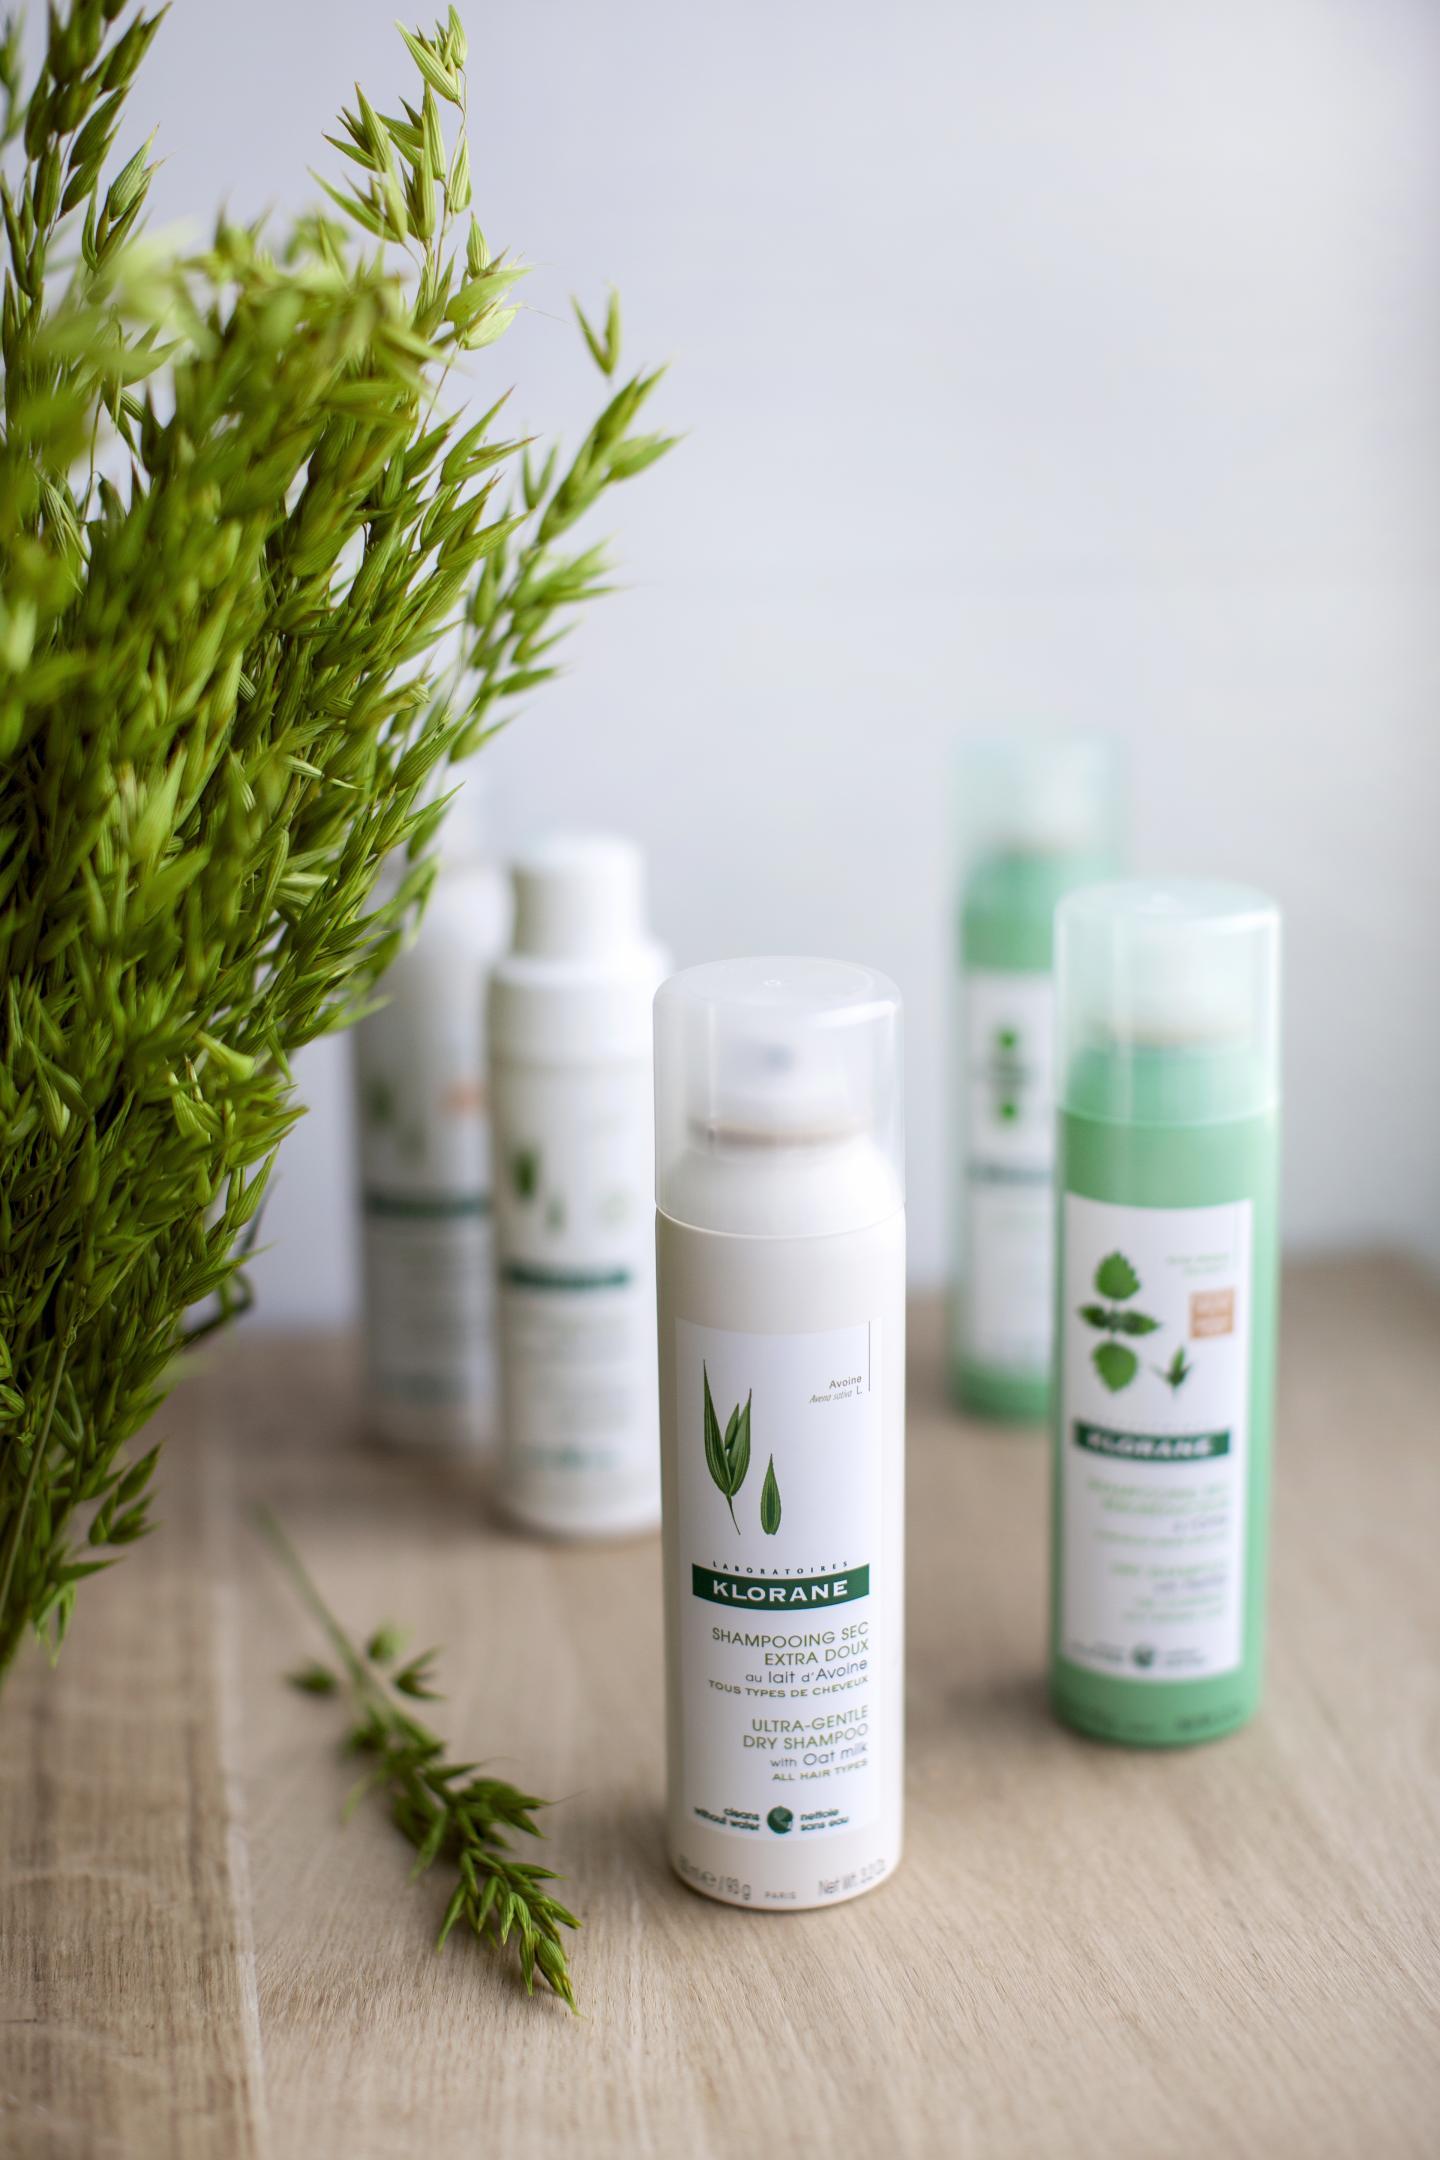 Shampoing sec, alternative au lavage des cheveux